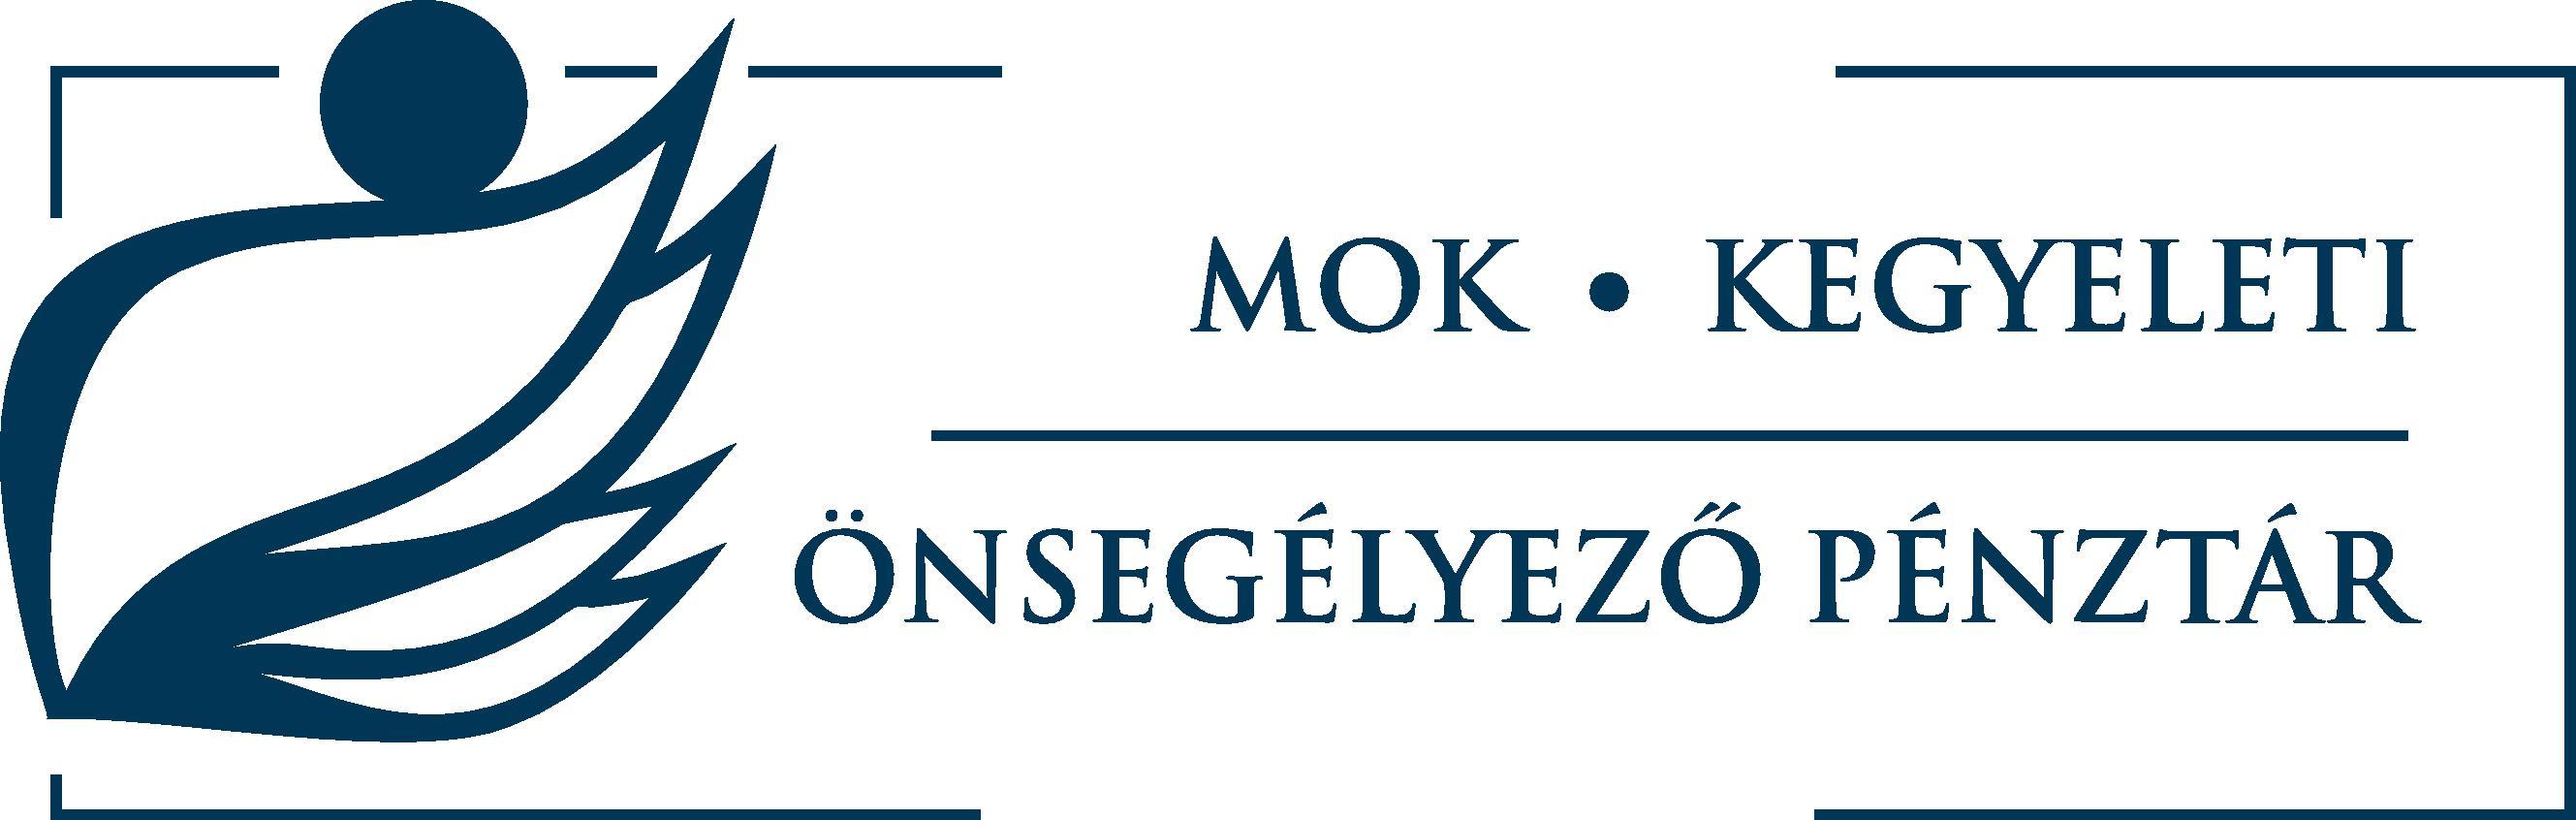 mok-kegyelet-penztar